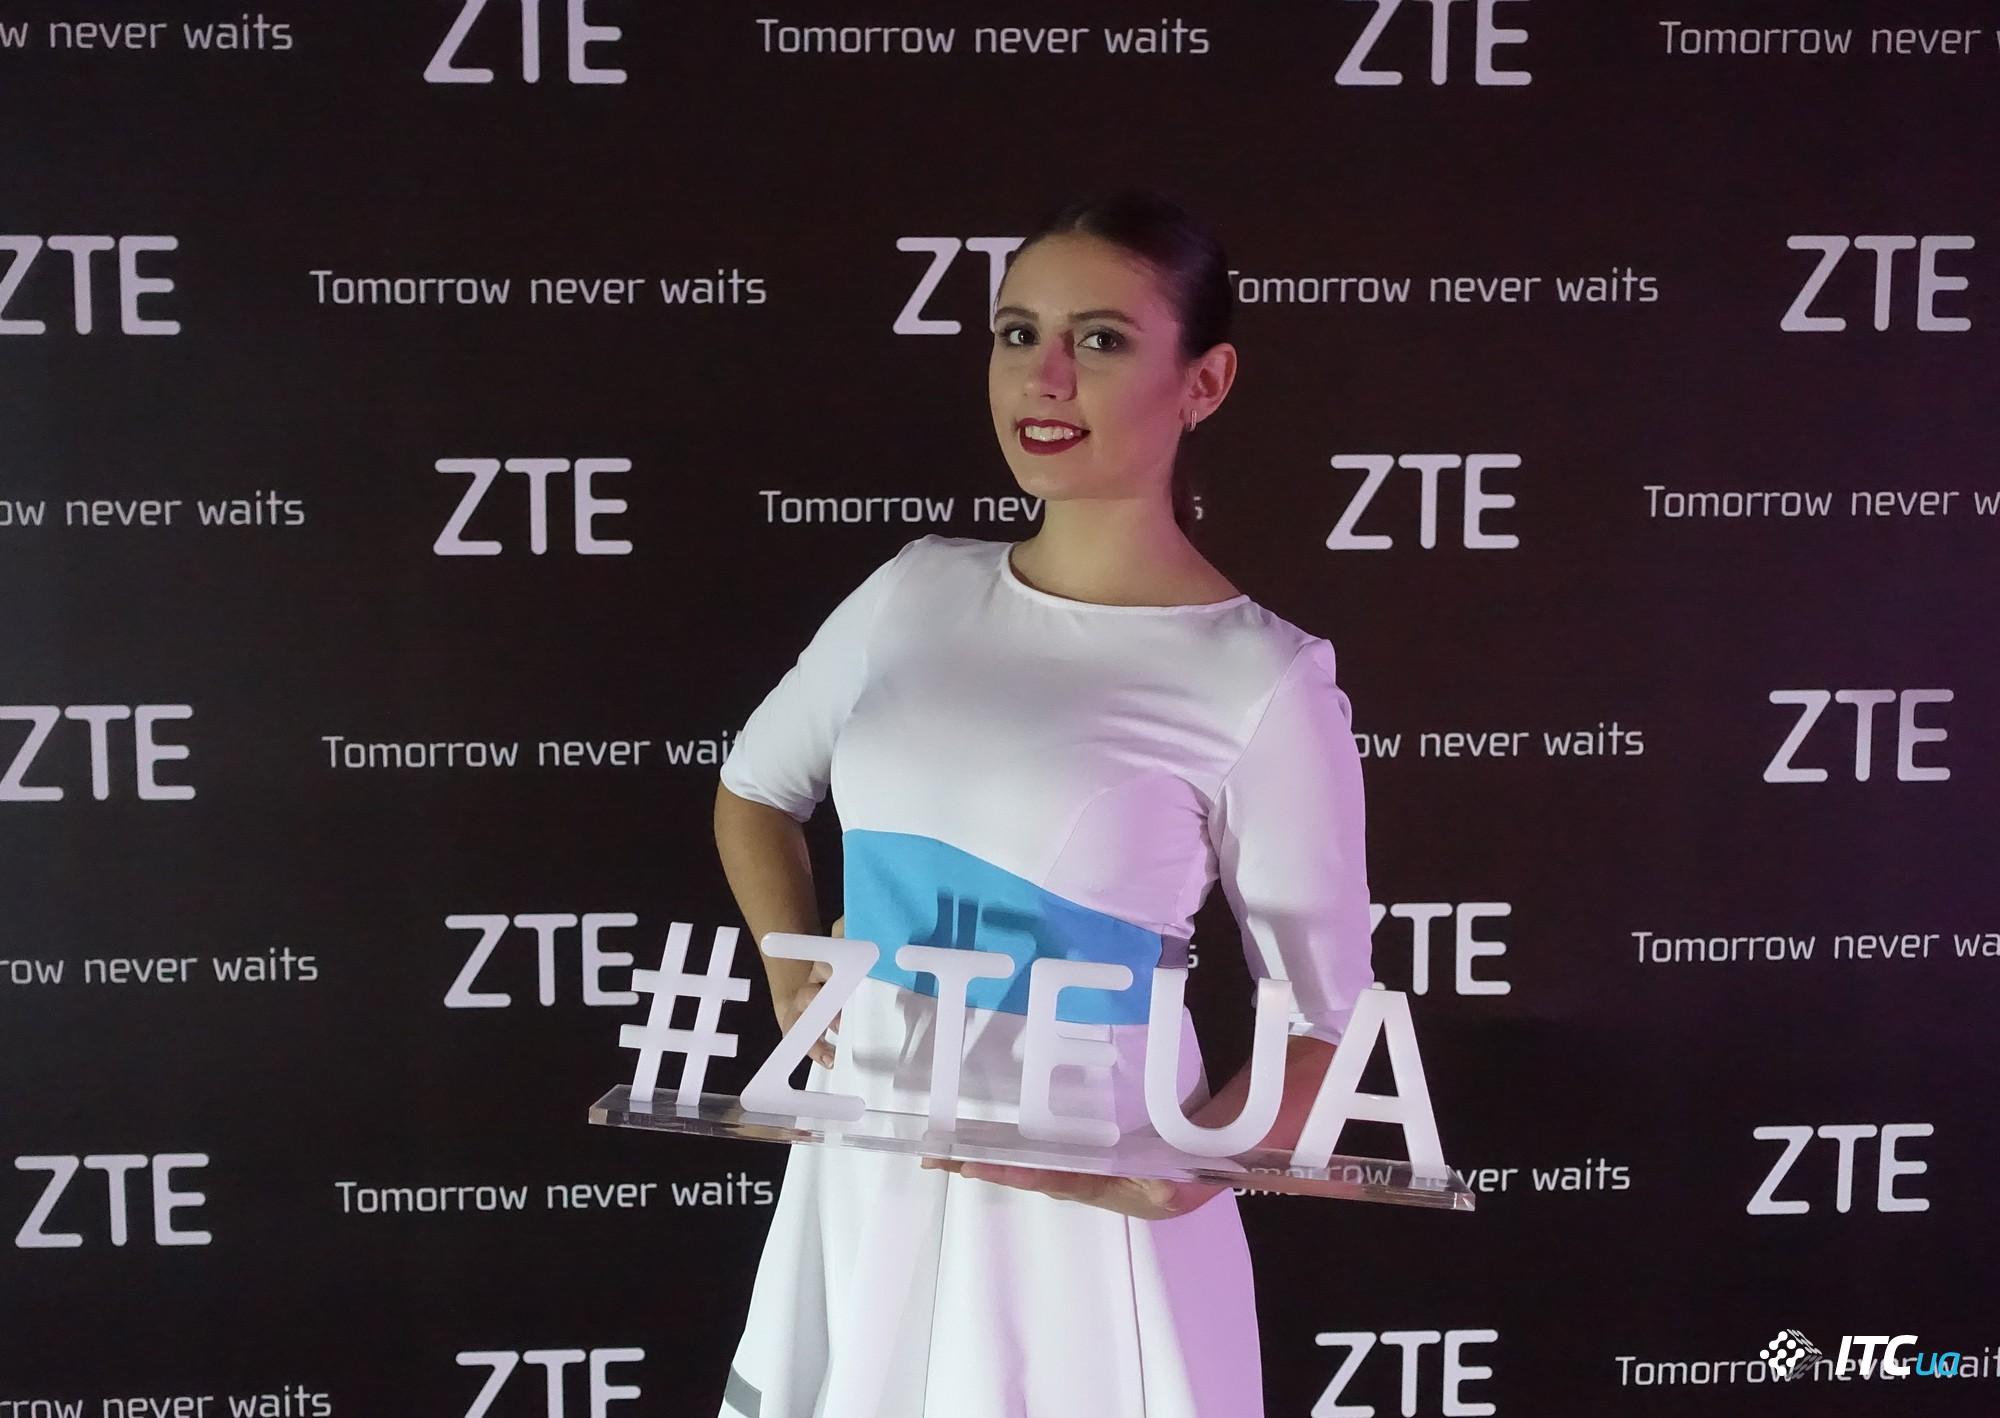 Мобильные телефоны ZTE официально представлены вгосударстве Украина